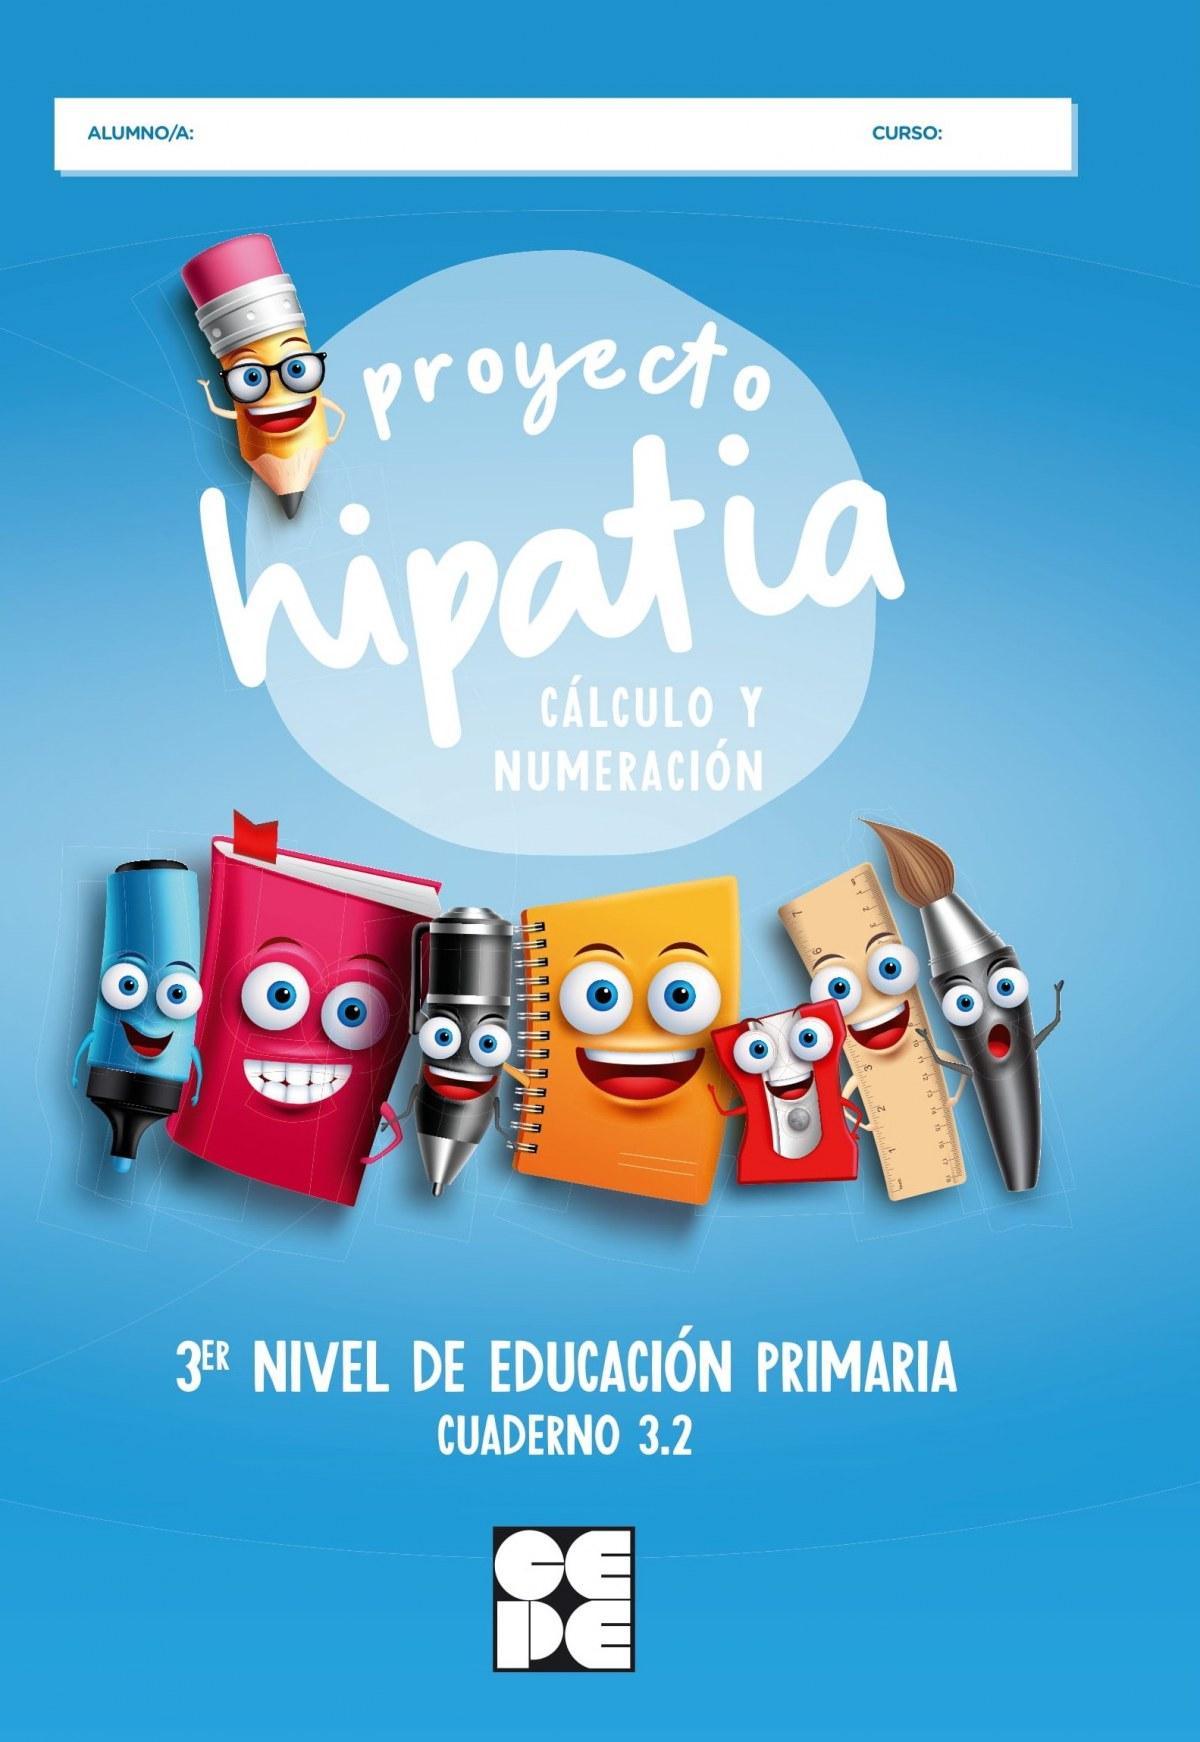 Proyecto Hipatia. Cálculo y Numeración 3.2